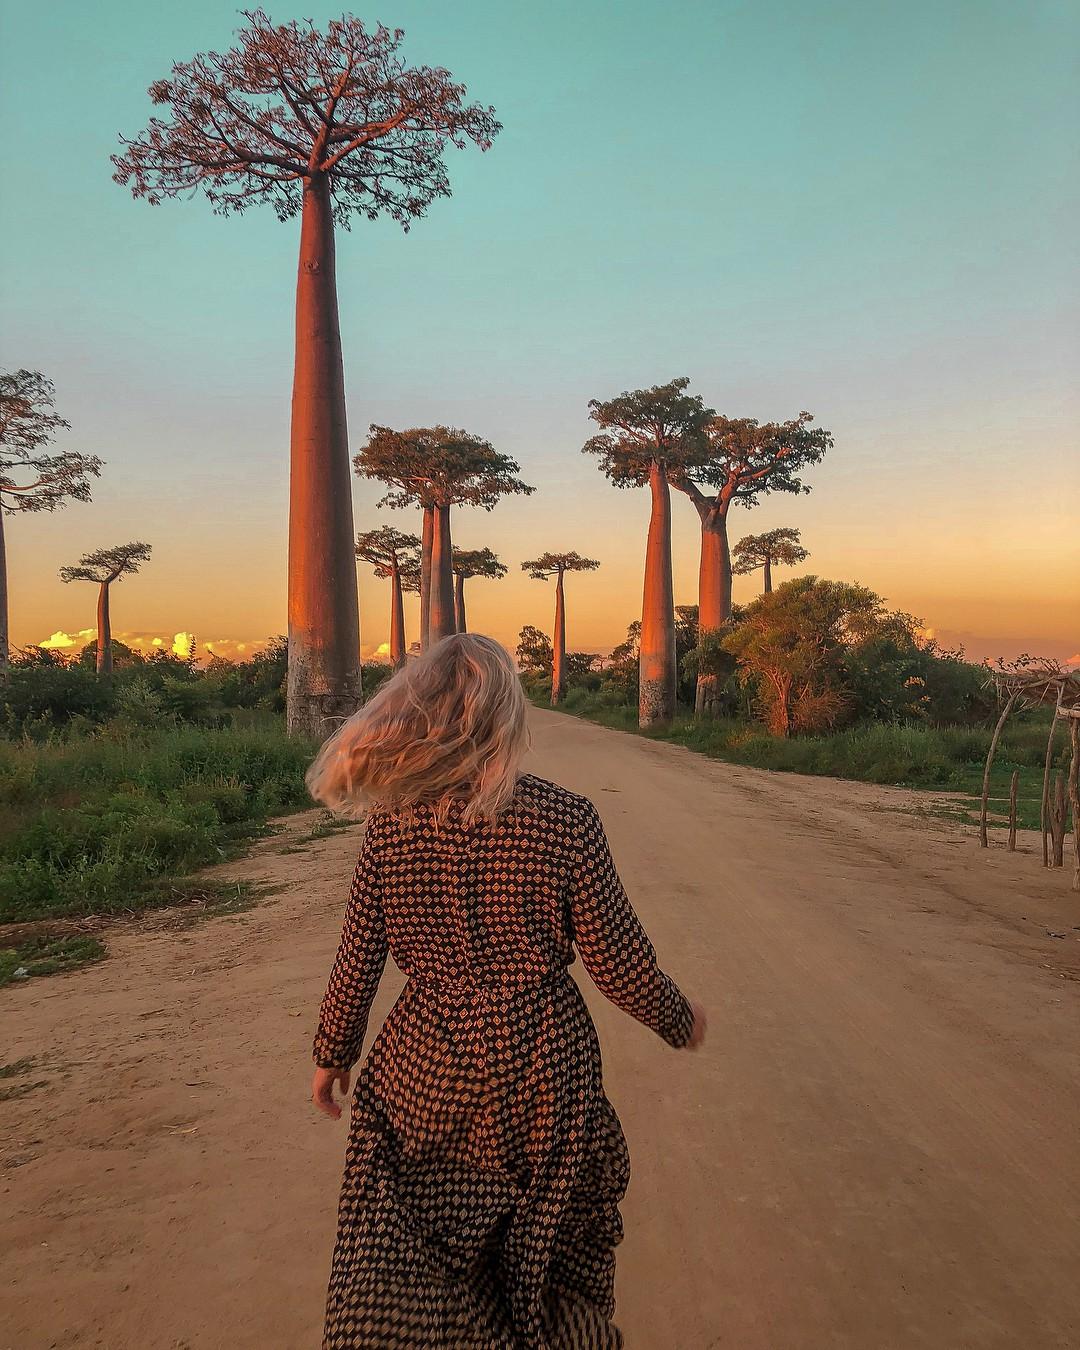 Dính phải lời nguyền phải mọc ngược, rừng cây ở Madagascar nay lại trở thành điểm check-in xịn xò của giới blogger du lịch - Ảnh 3.